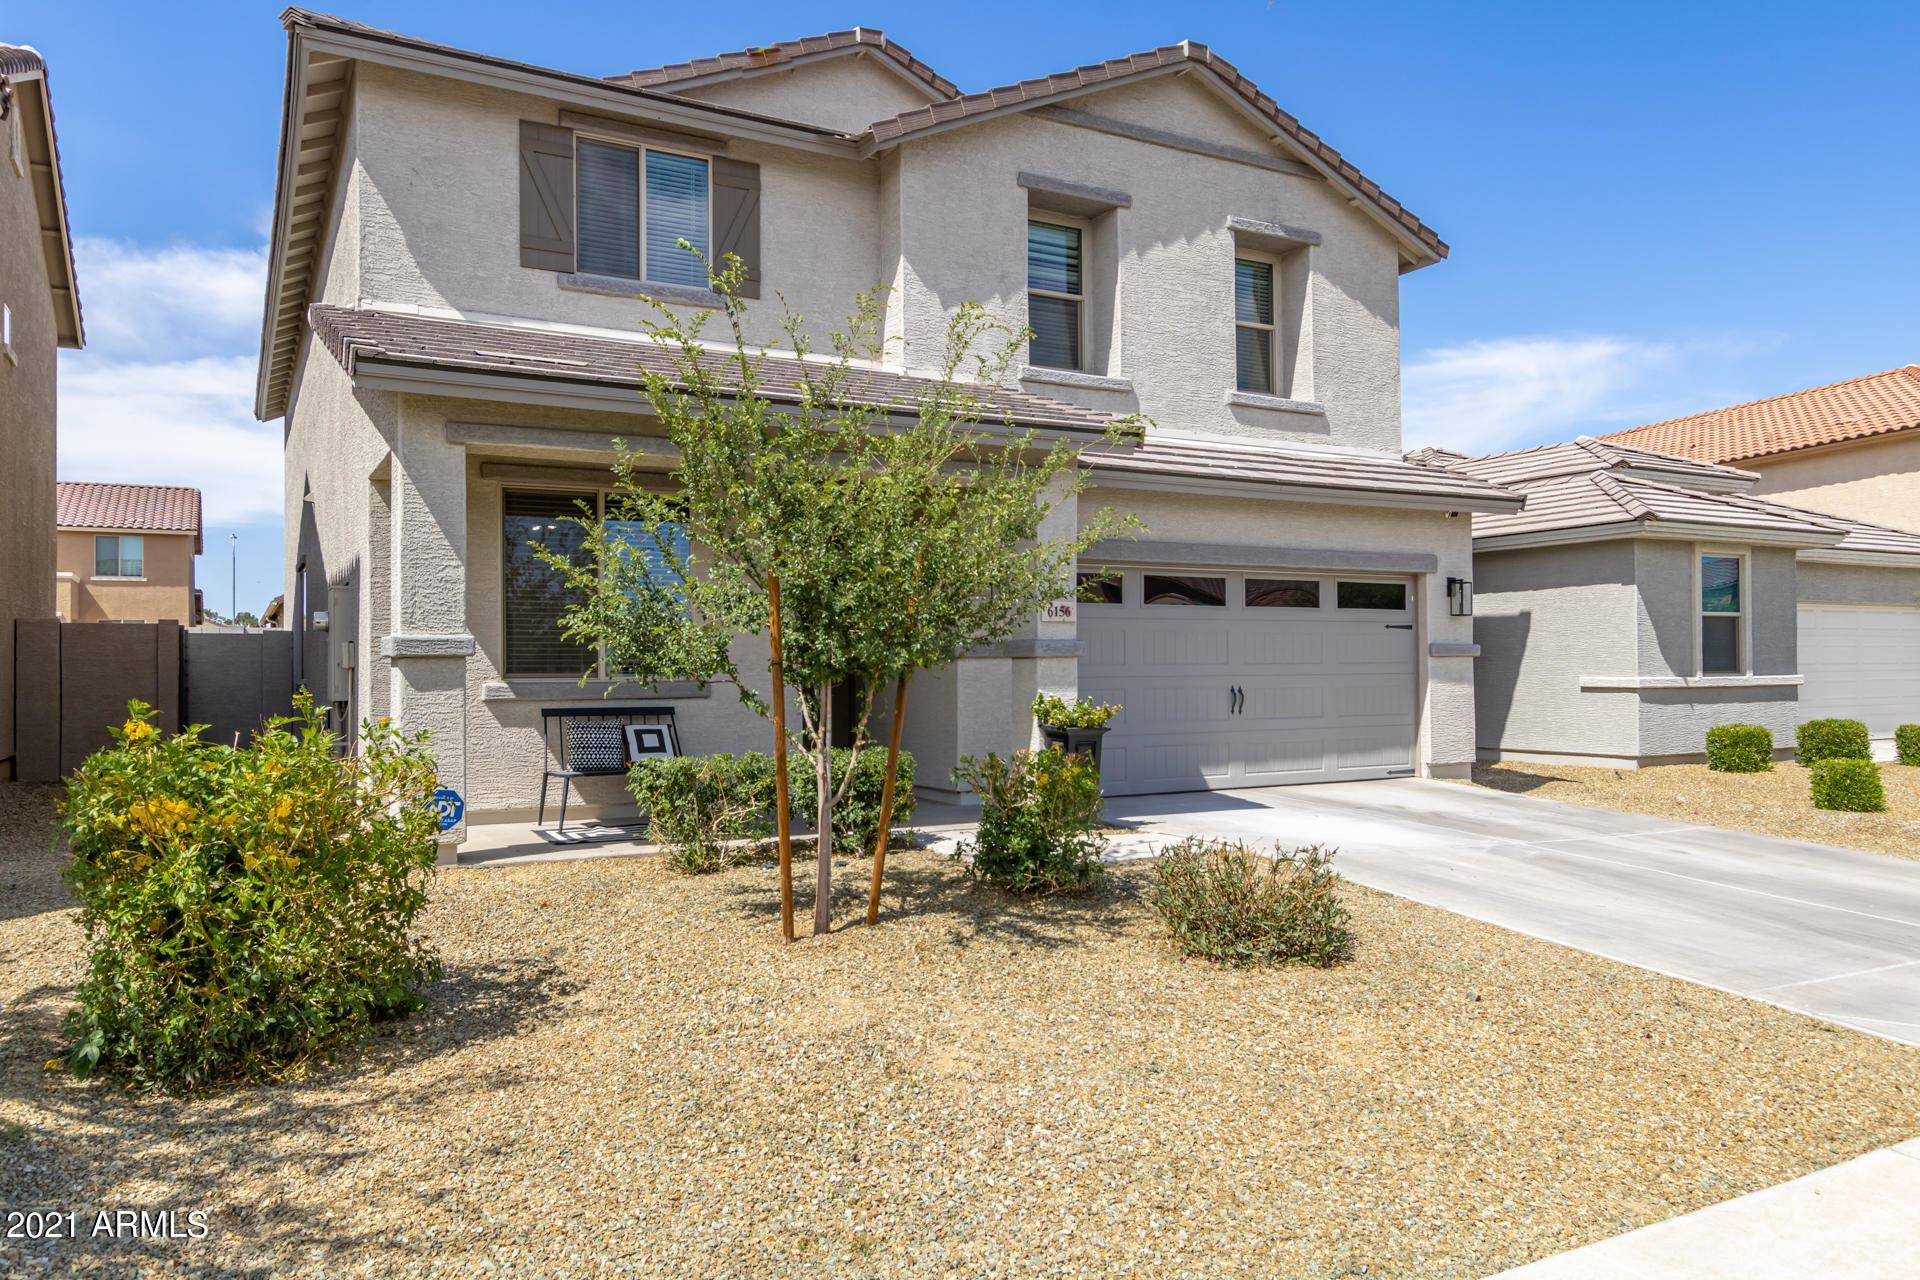 Photo of 6156 W FREEWAY Lane, Glendale, AZ 85302 (MLS # 6232369)